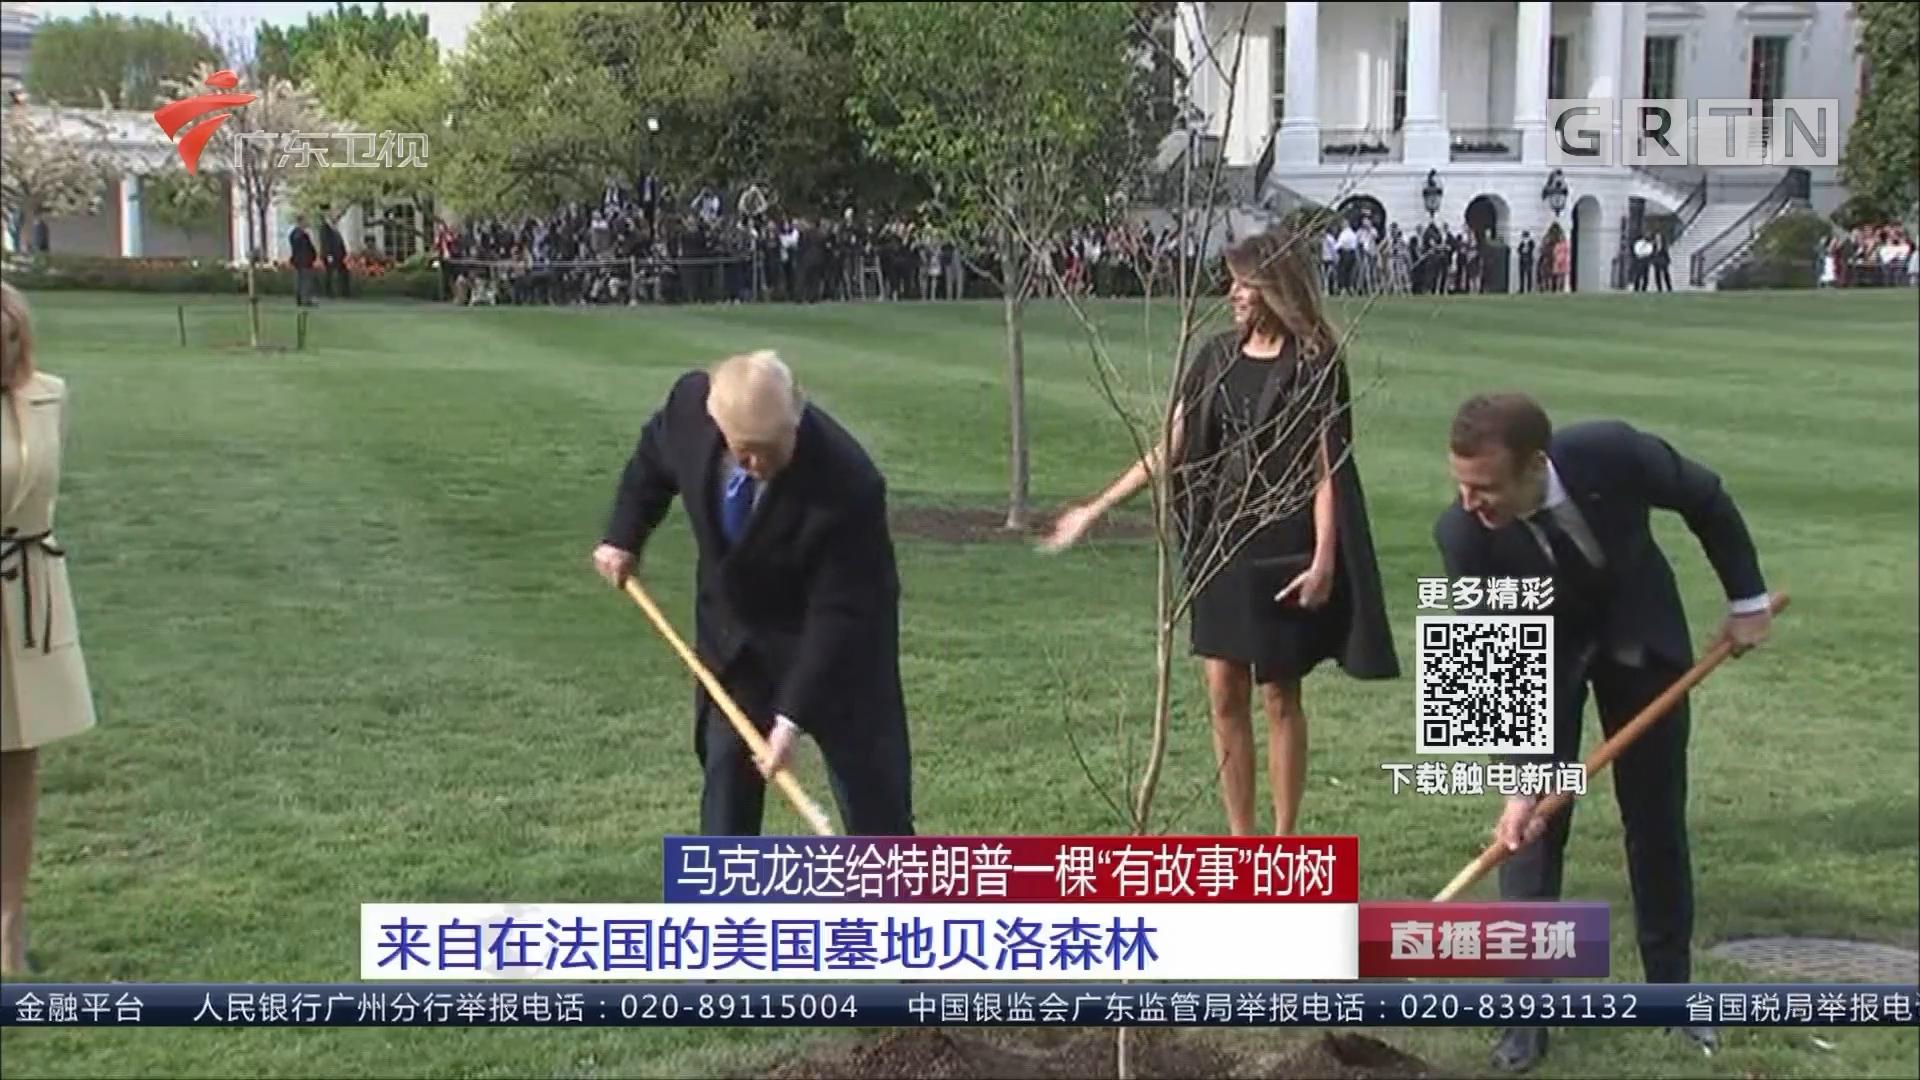 """马克龙送给特朗普一棵""""有故事""""的树 来自在法国的美国墓地贝洛森林"""